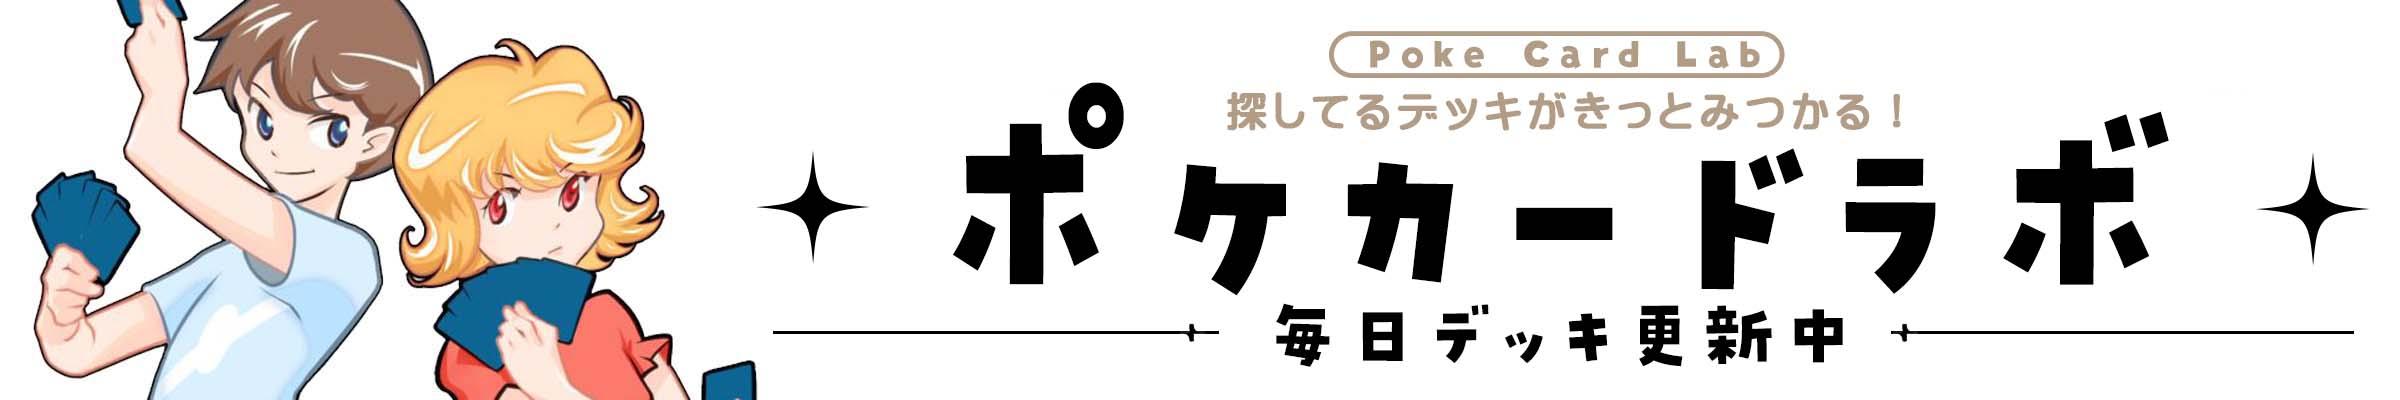 《ポケカードラボ》ポケモンカードデッキレシピサイトPoke card lab